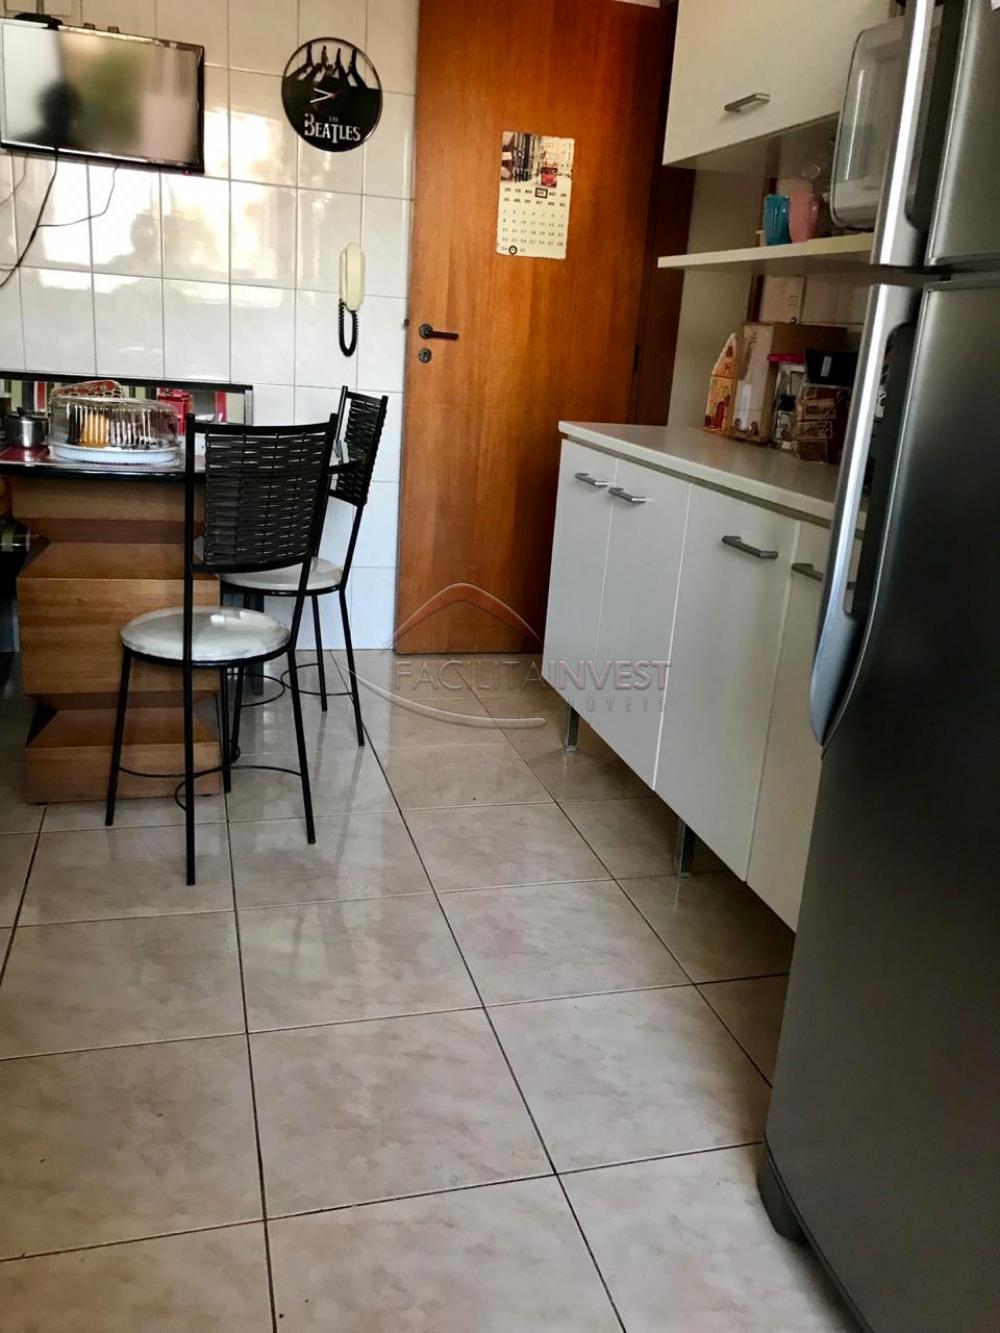 Comprar Apartamentos / Apart. Padrão em Ribeirão Preto apenas R$ 450.000,00 - Foto 9